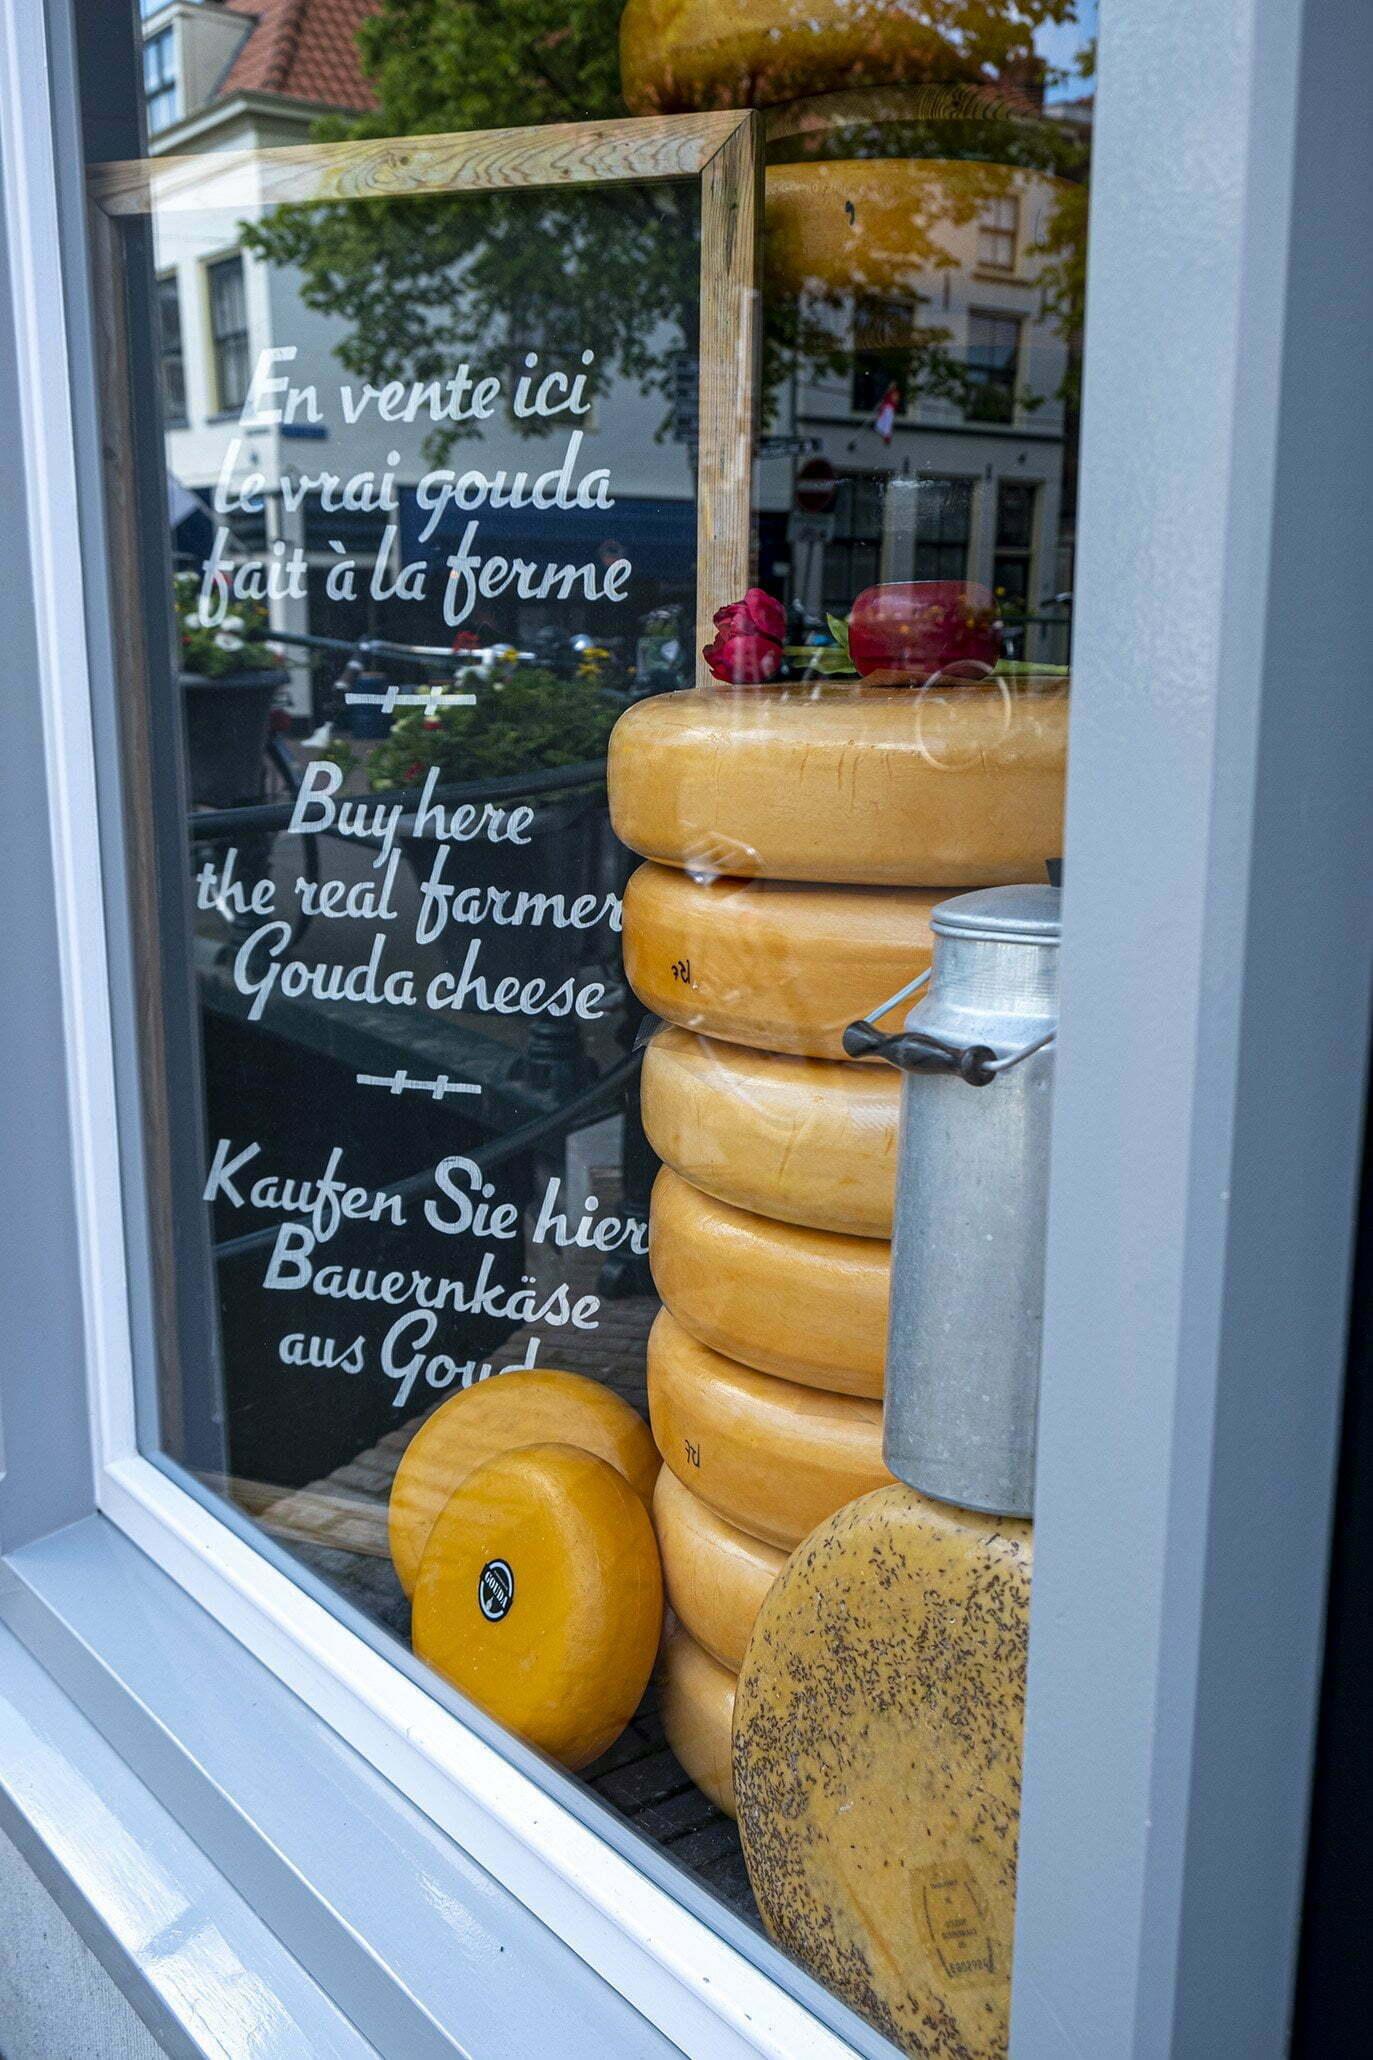 Goudse kaas is de meest bekende kaas en de meest gegeten kaas in Nederland.